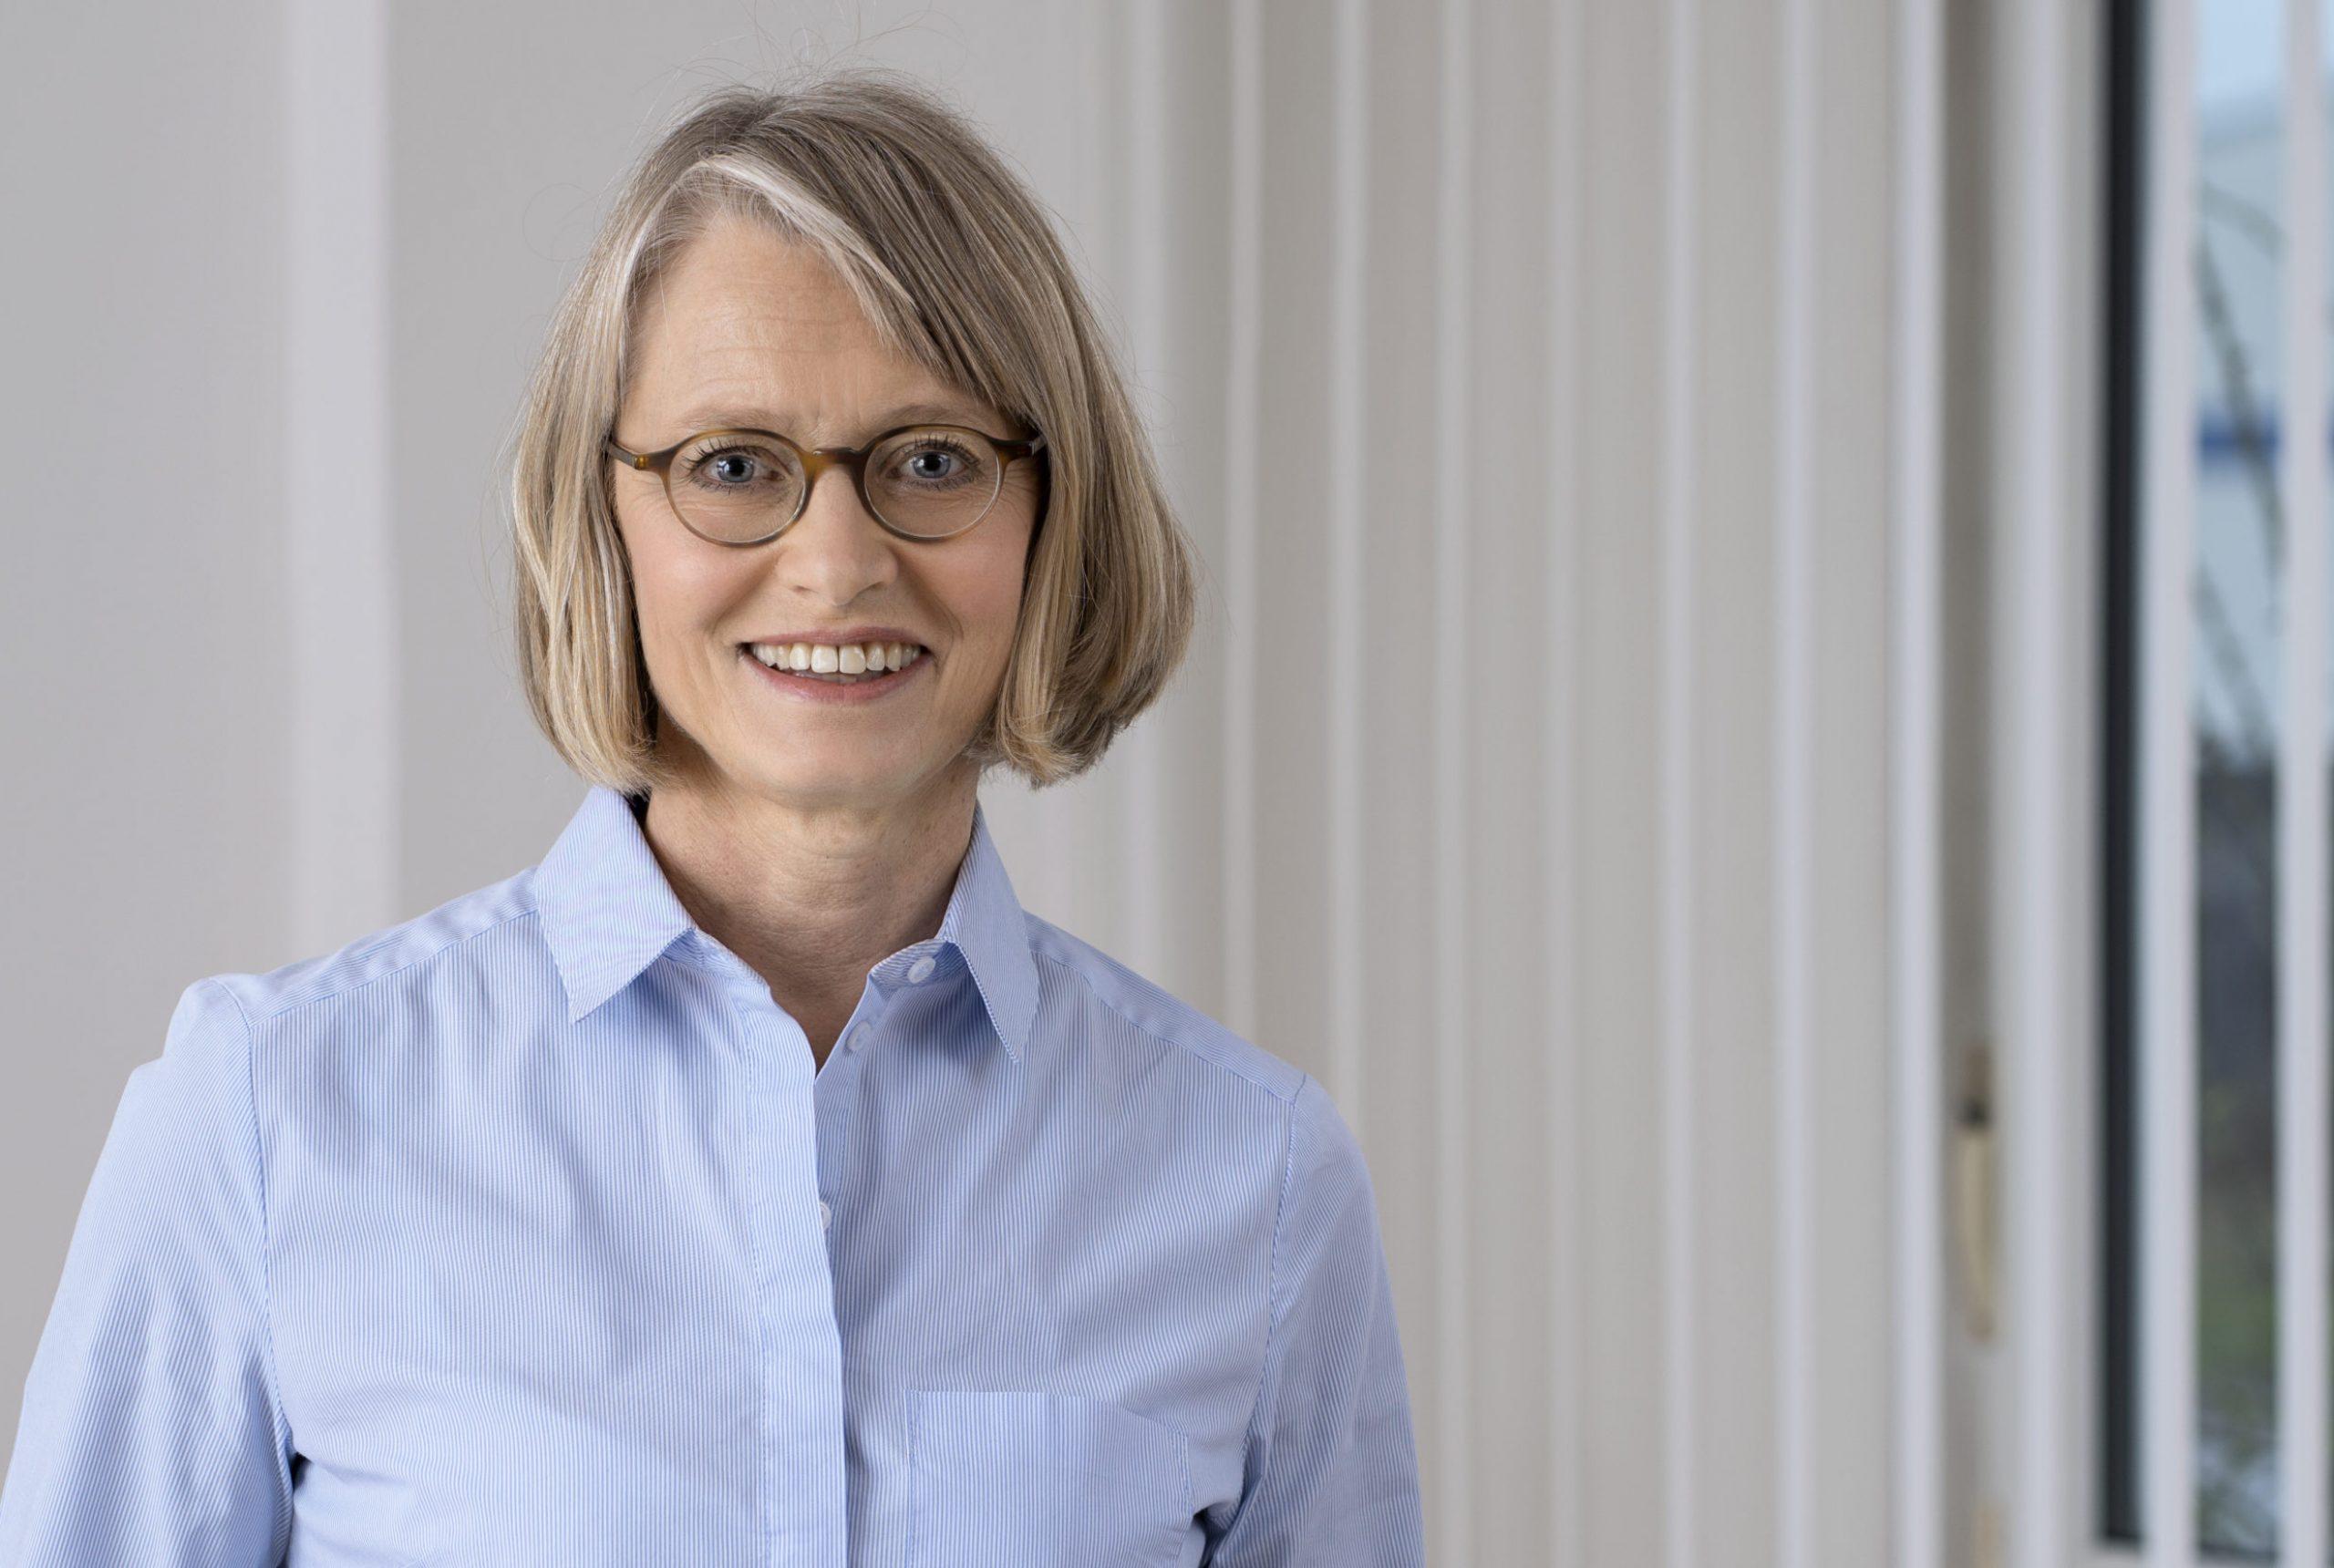 Agnes Hamm - Rechnungswesen